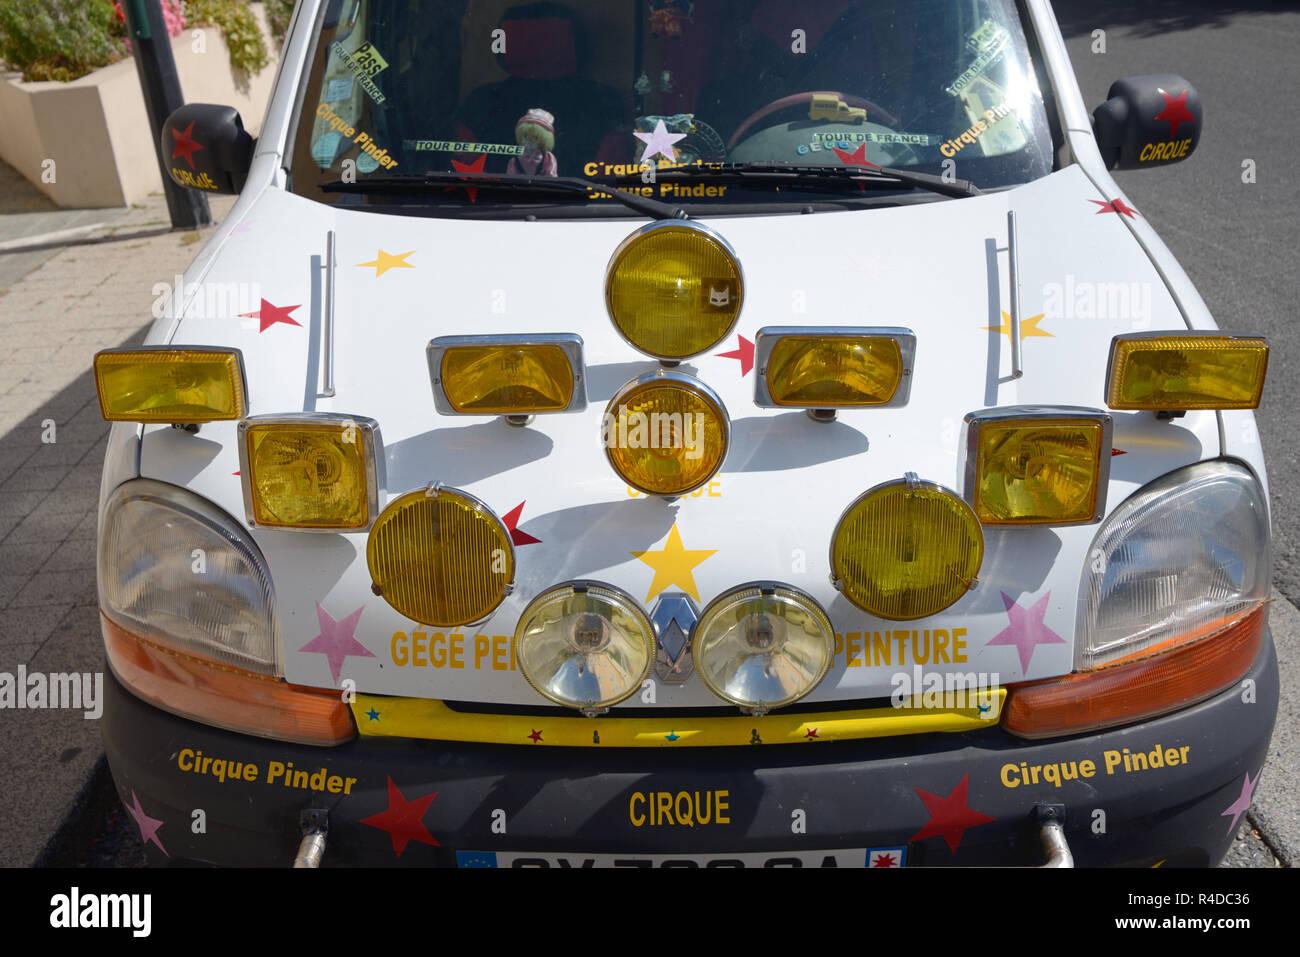 Coche personalizado o personalizada de circo con varios faros de coche Foto de stock